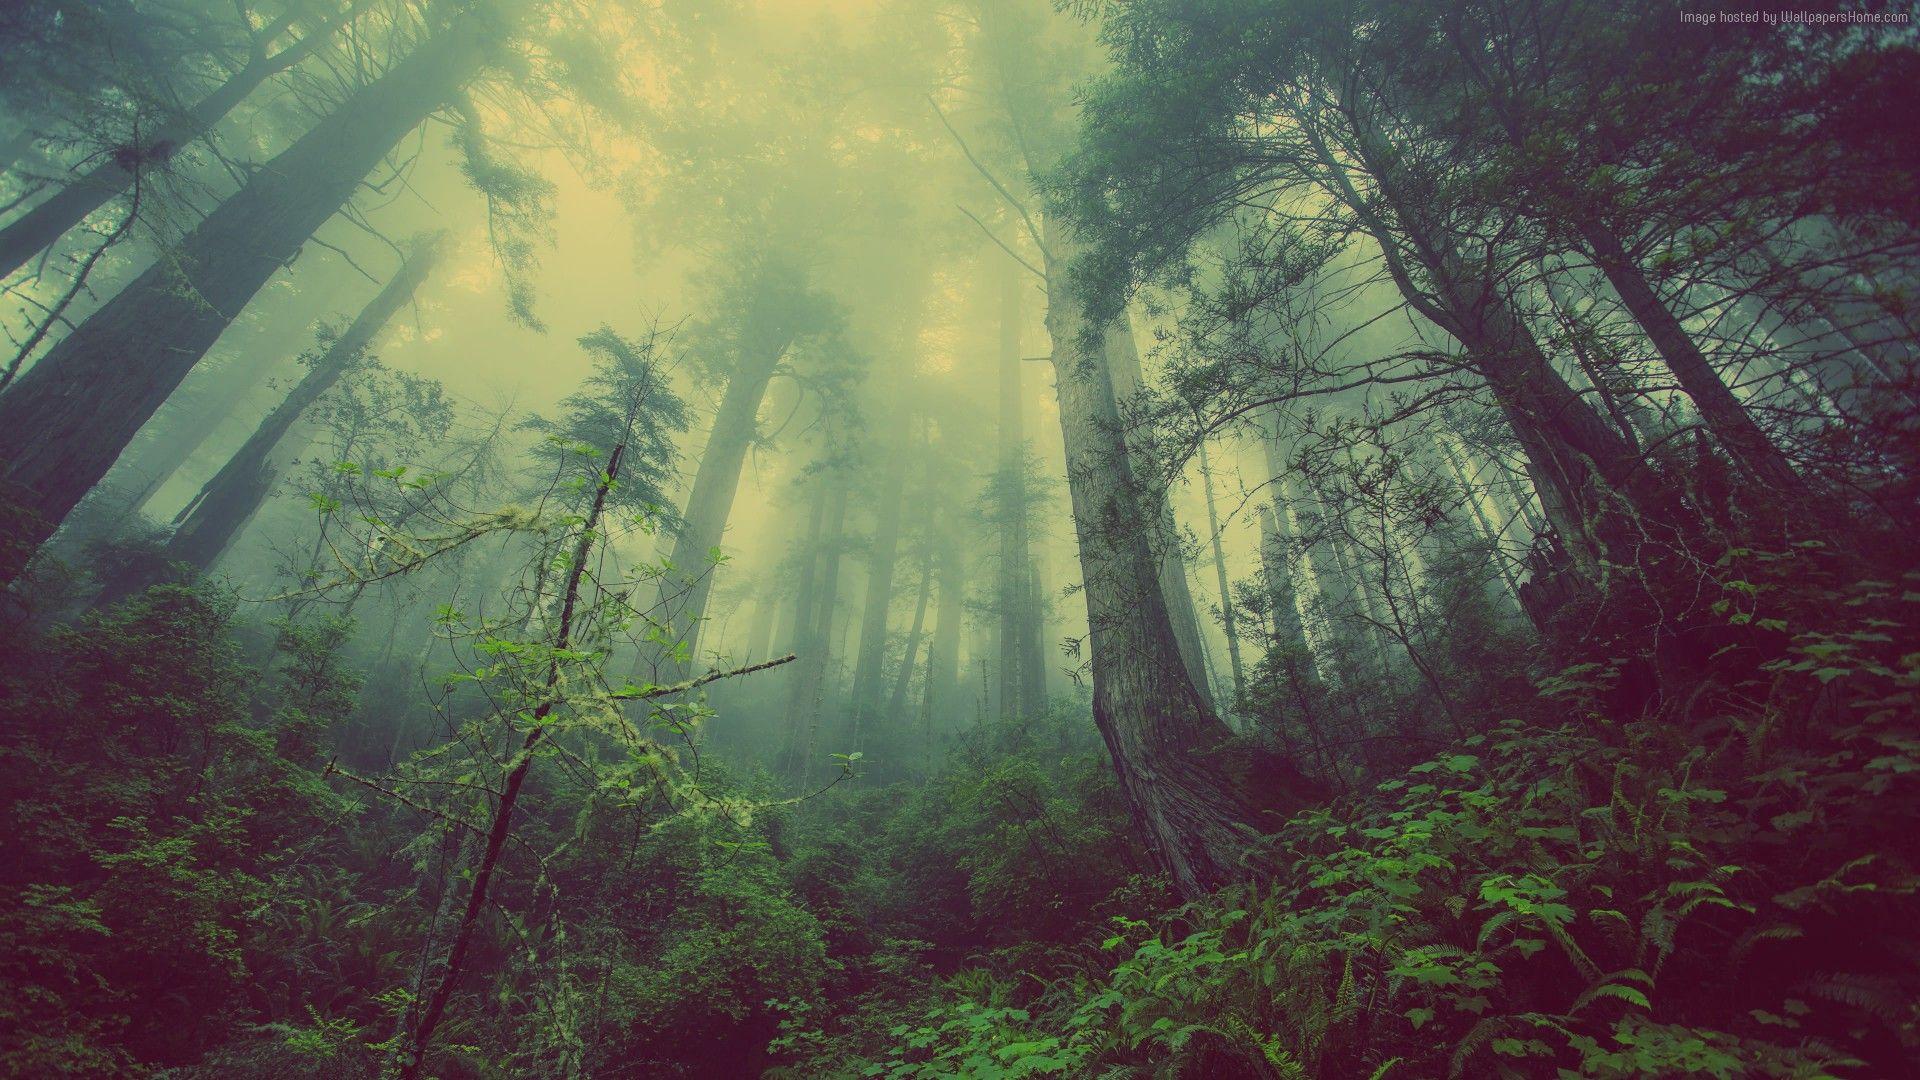 Forest wallpaper 1920x1080